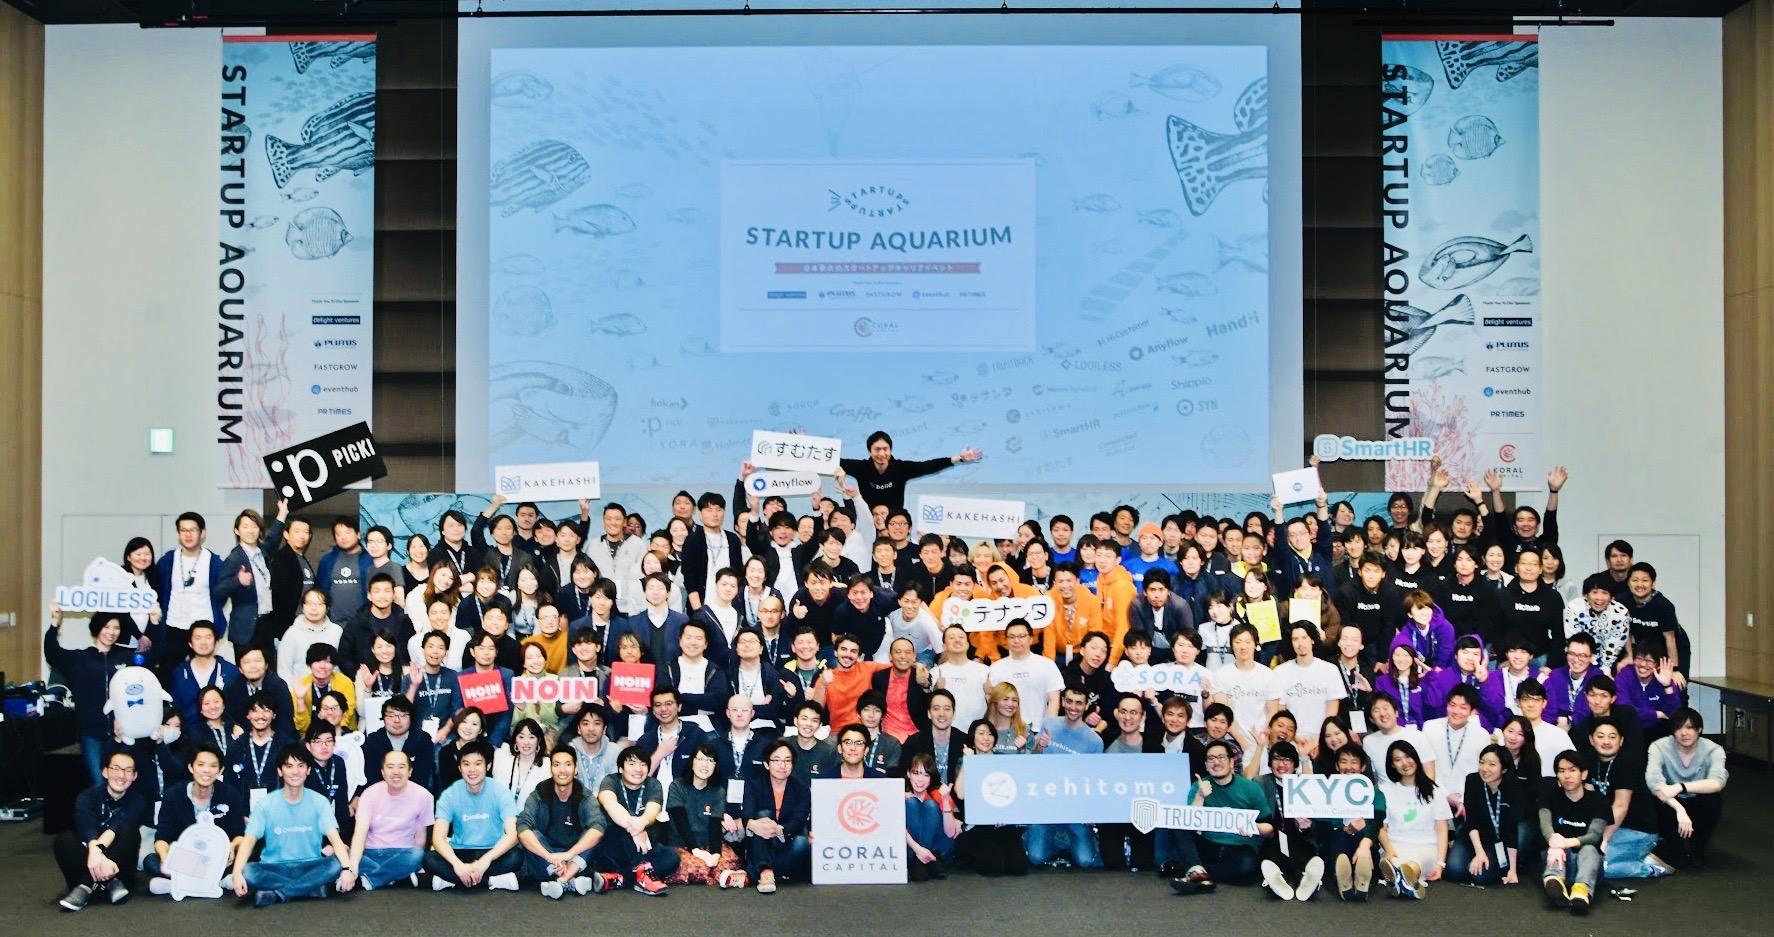 日本最大のスタートアップキャリアイベントSTARTUP AQUARIUM 参加レポート